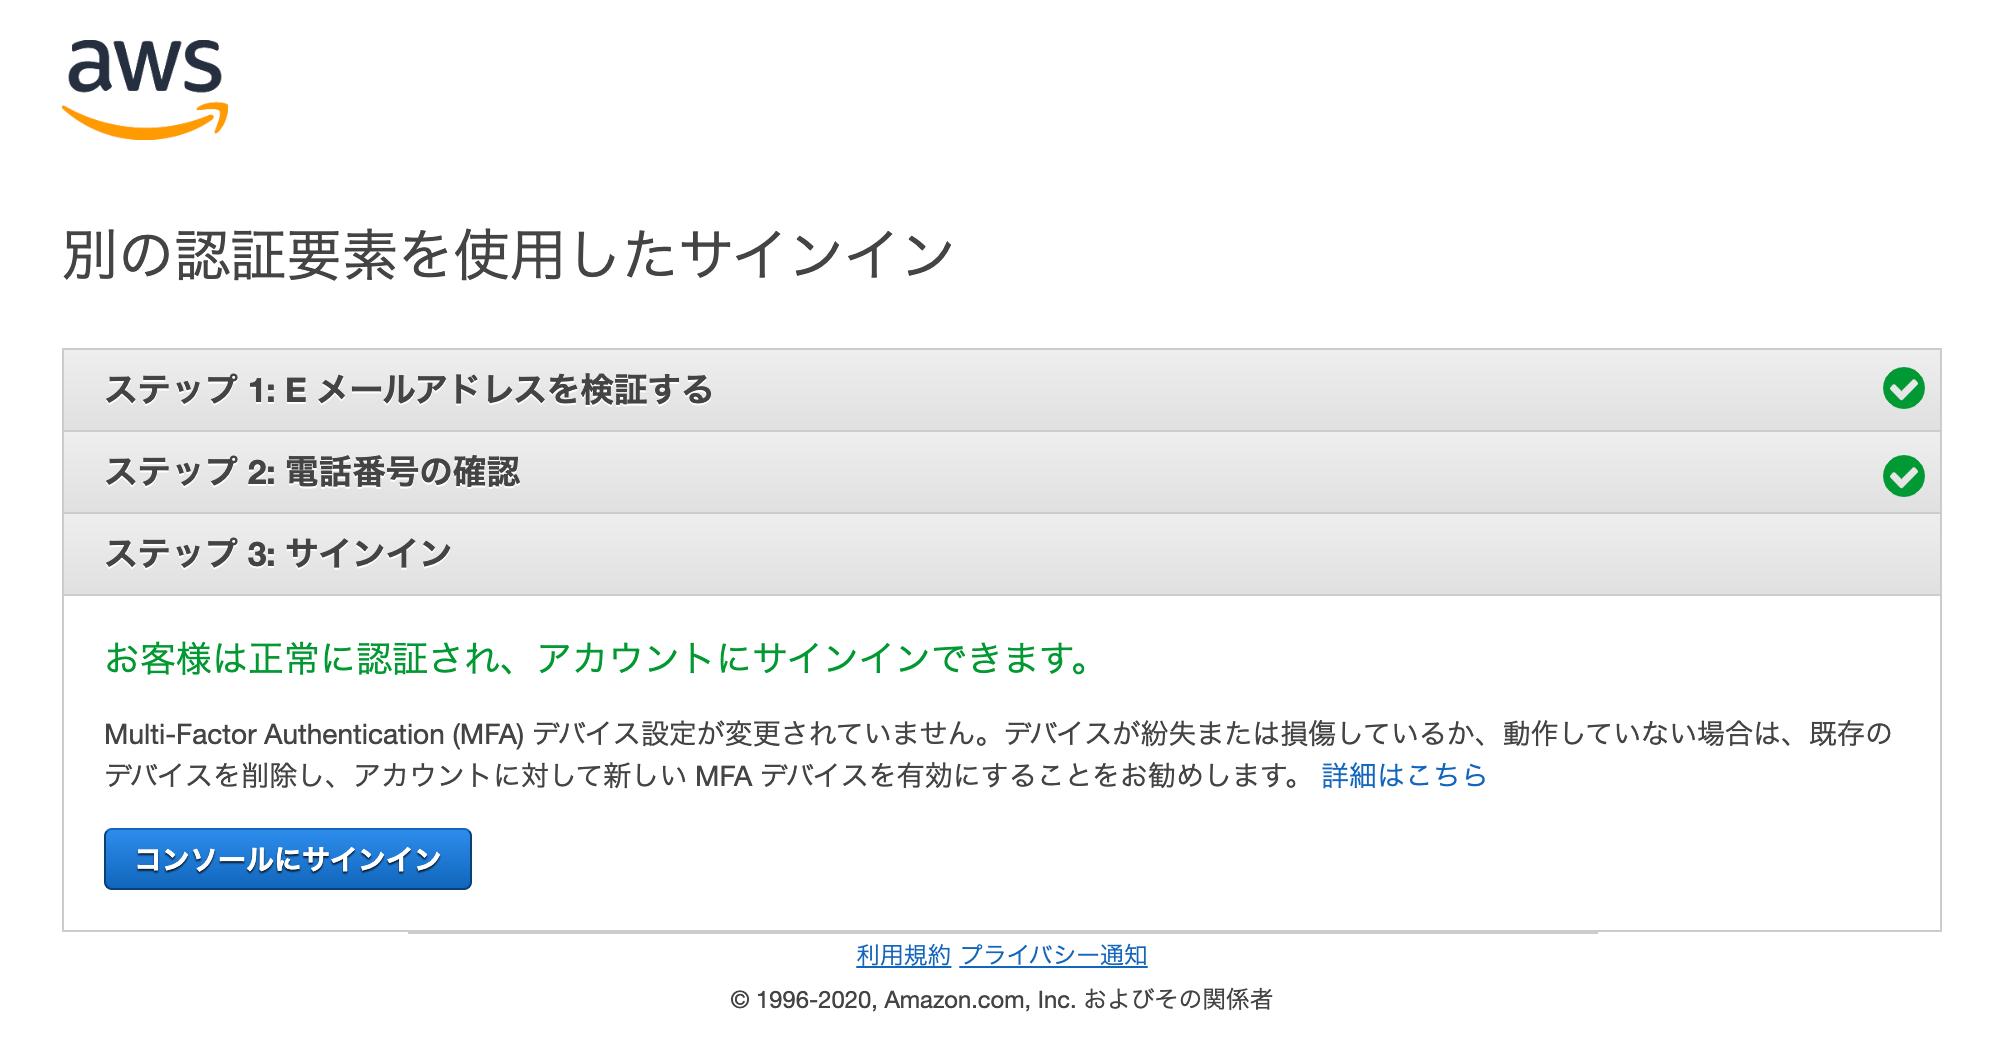 スクリーンショット 2020-02-25 10.49.32.png